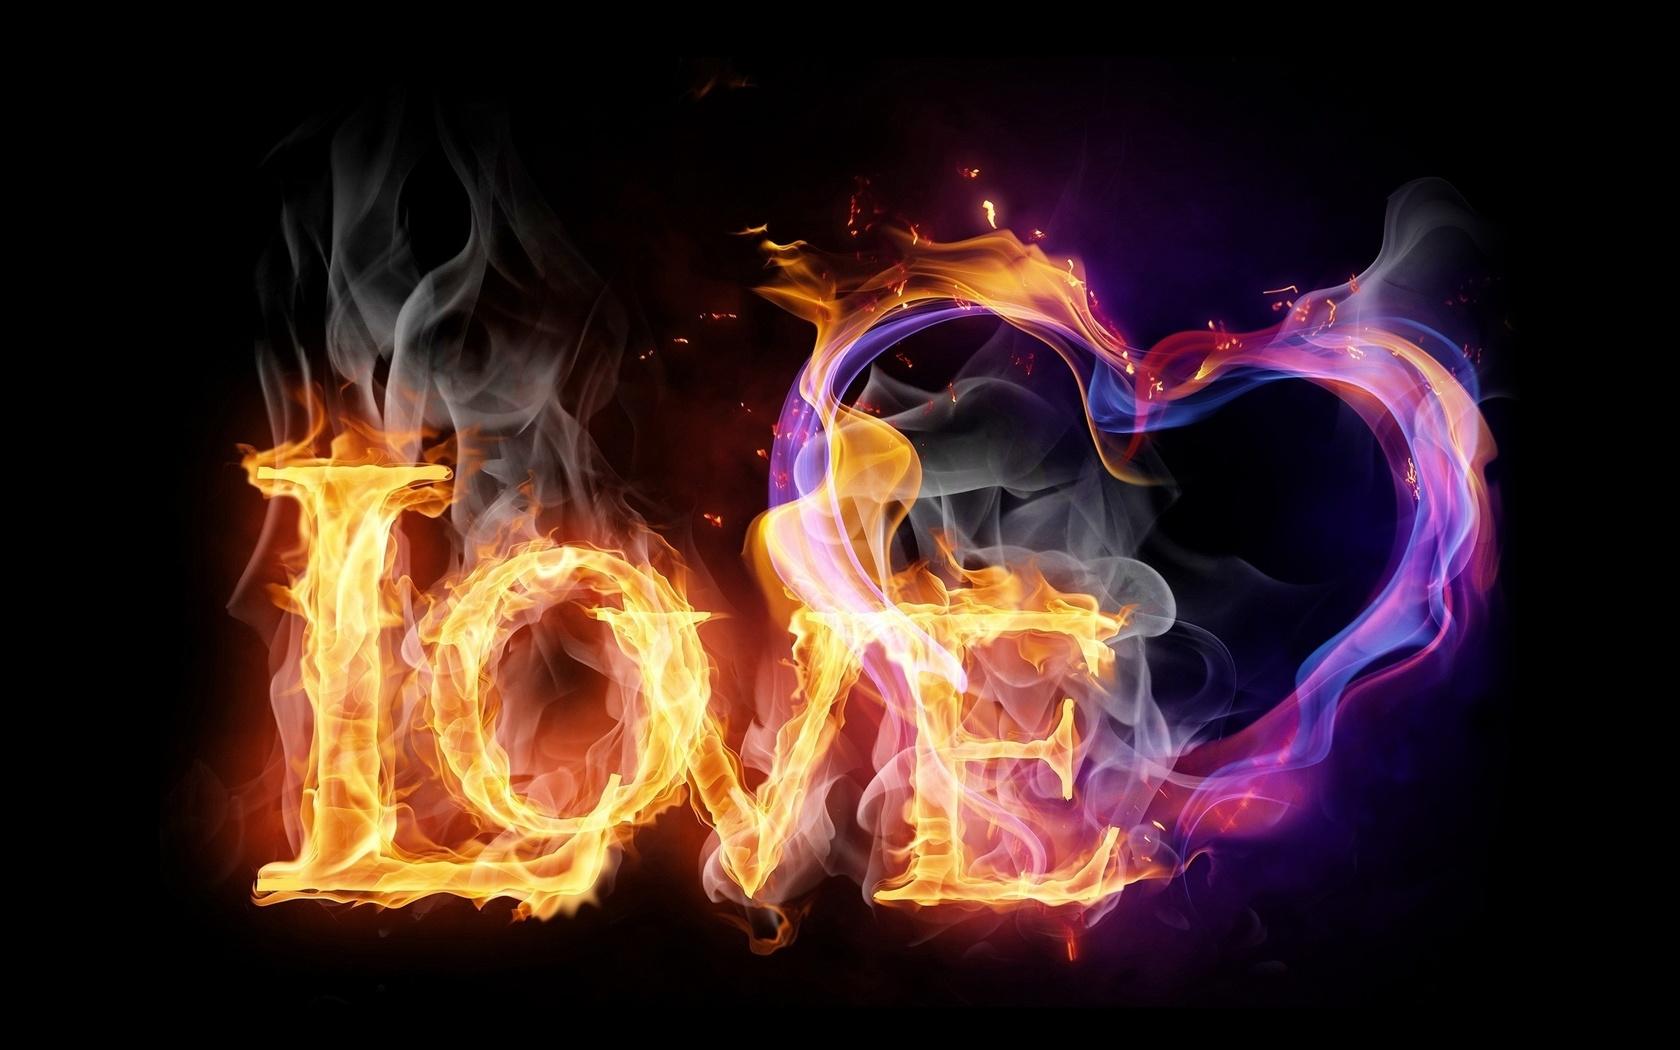 Всех субботой, крутые картинки про любовь